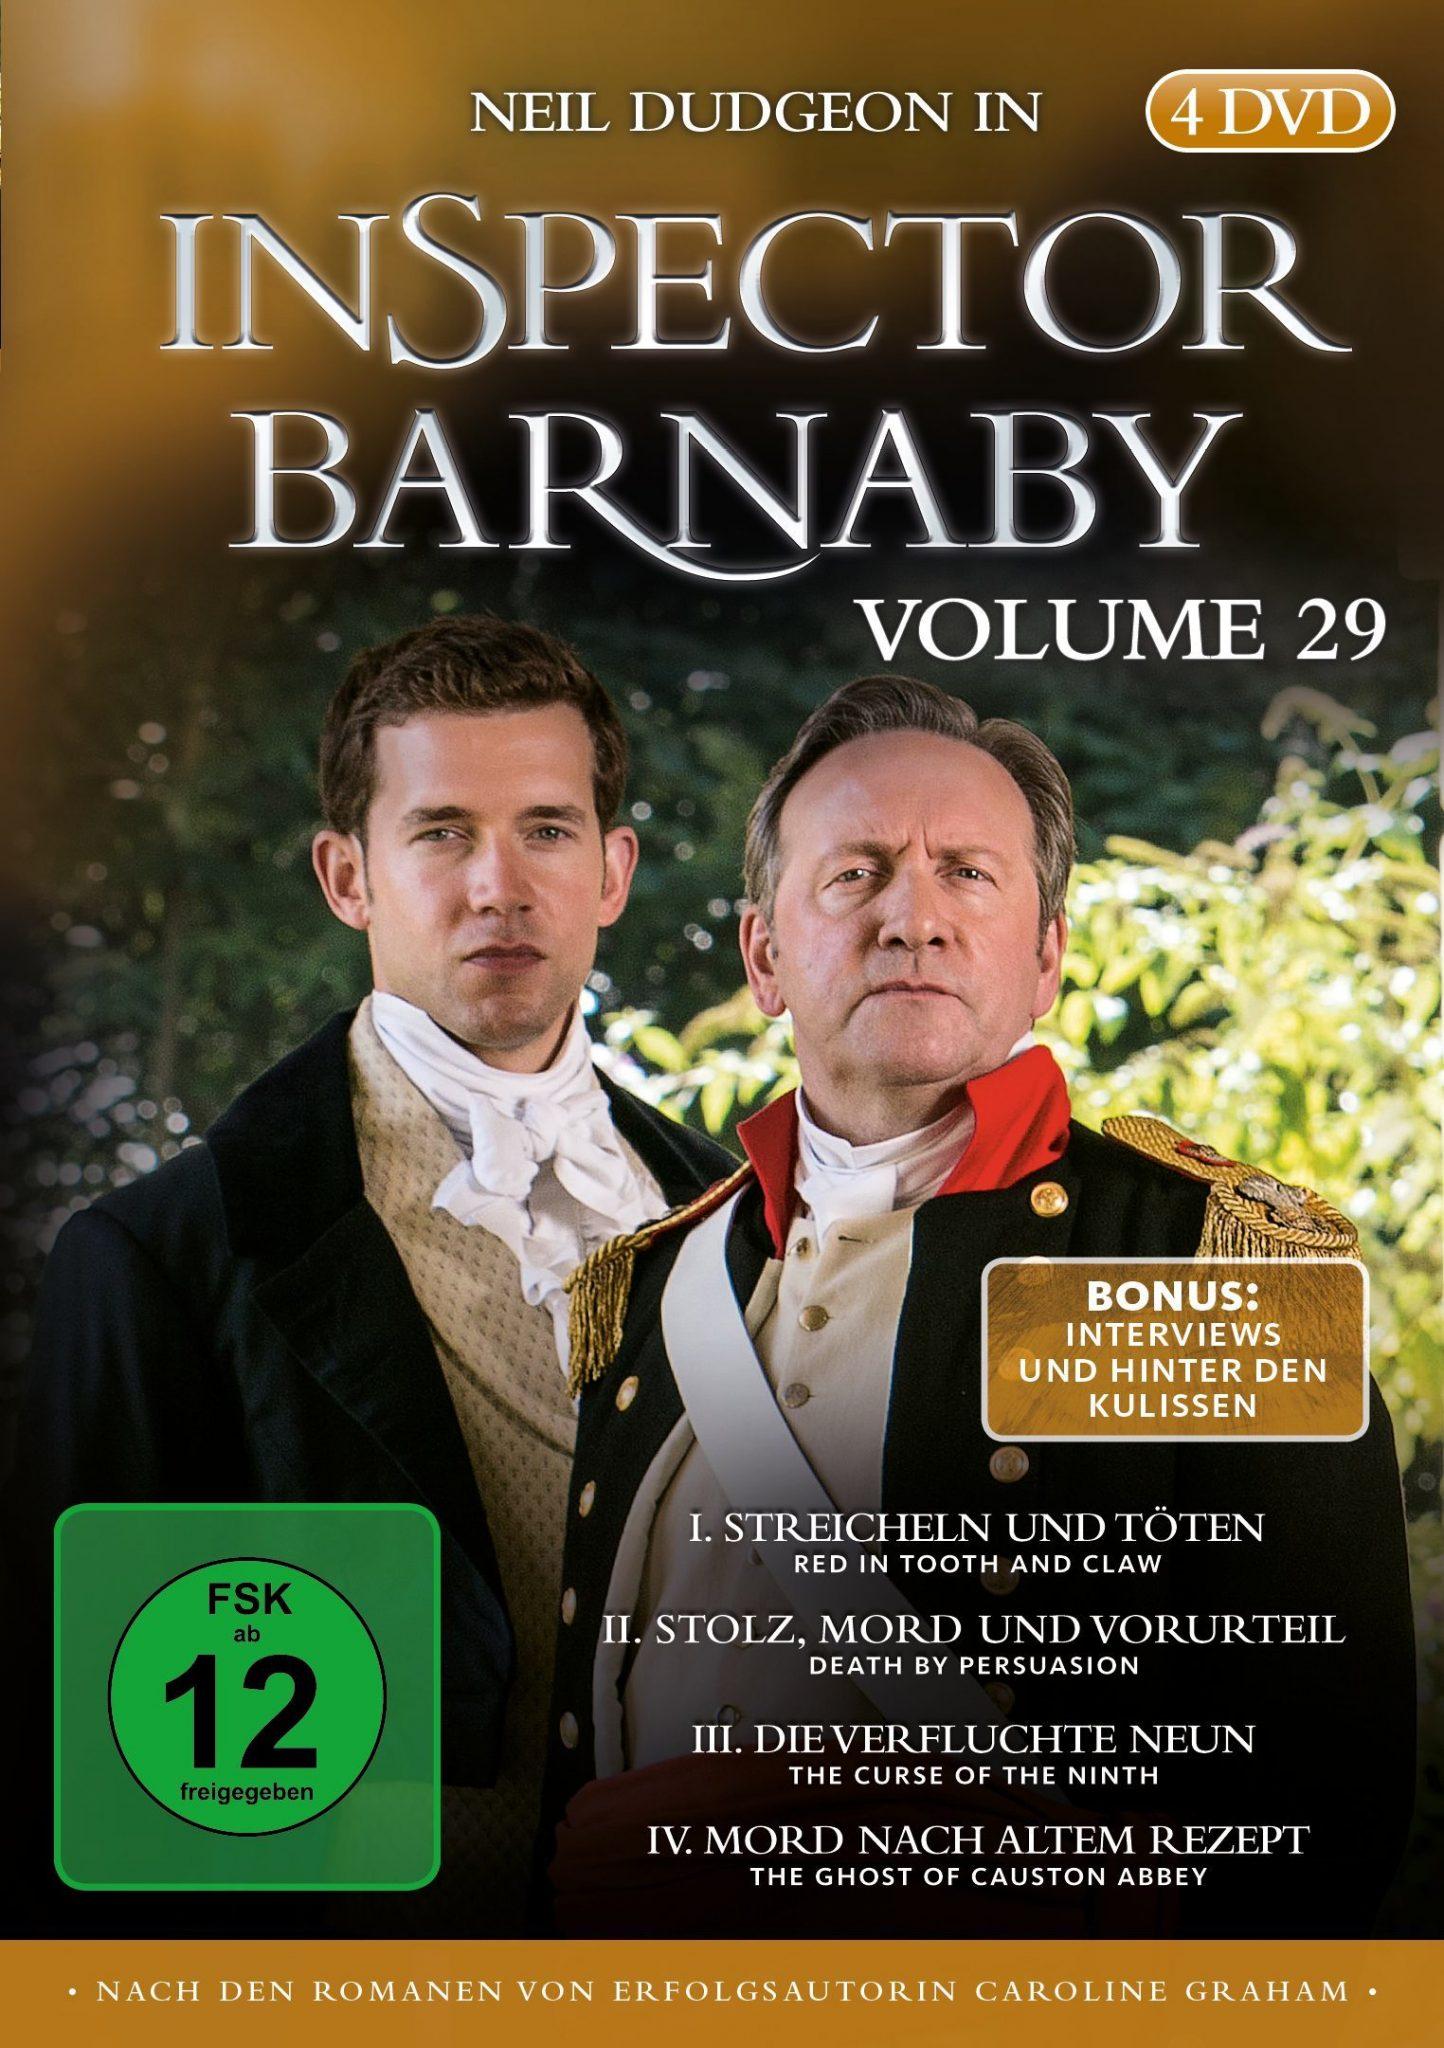 Das britische Ermittler-Duo ist zurück: Die 29. Staffel von Inspectory Barnaby erscheint im Januar auf DVD und Blu-ray